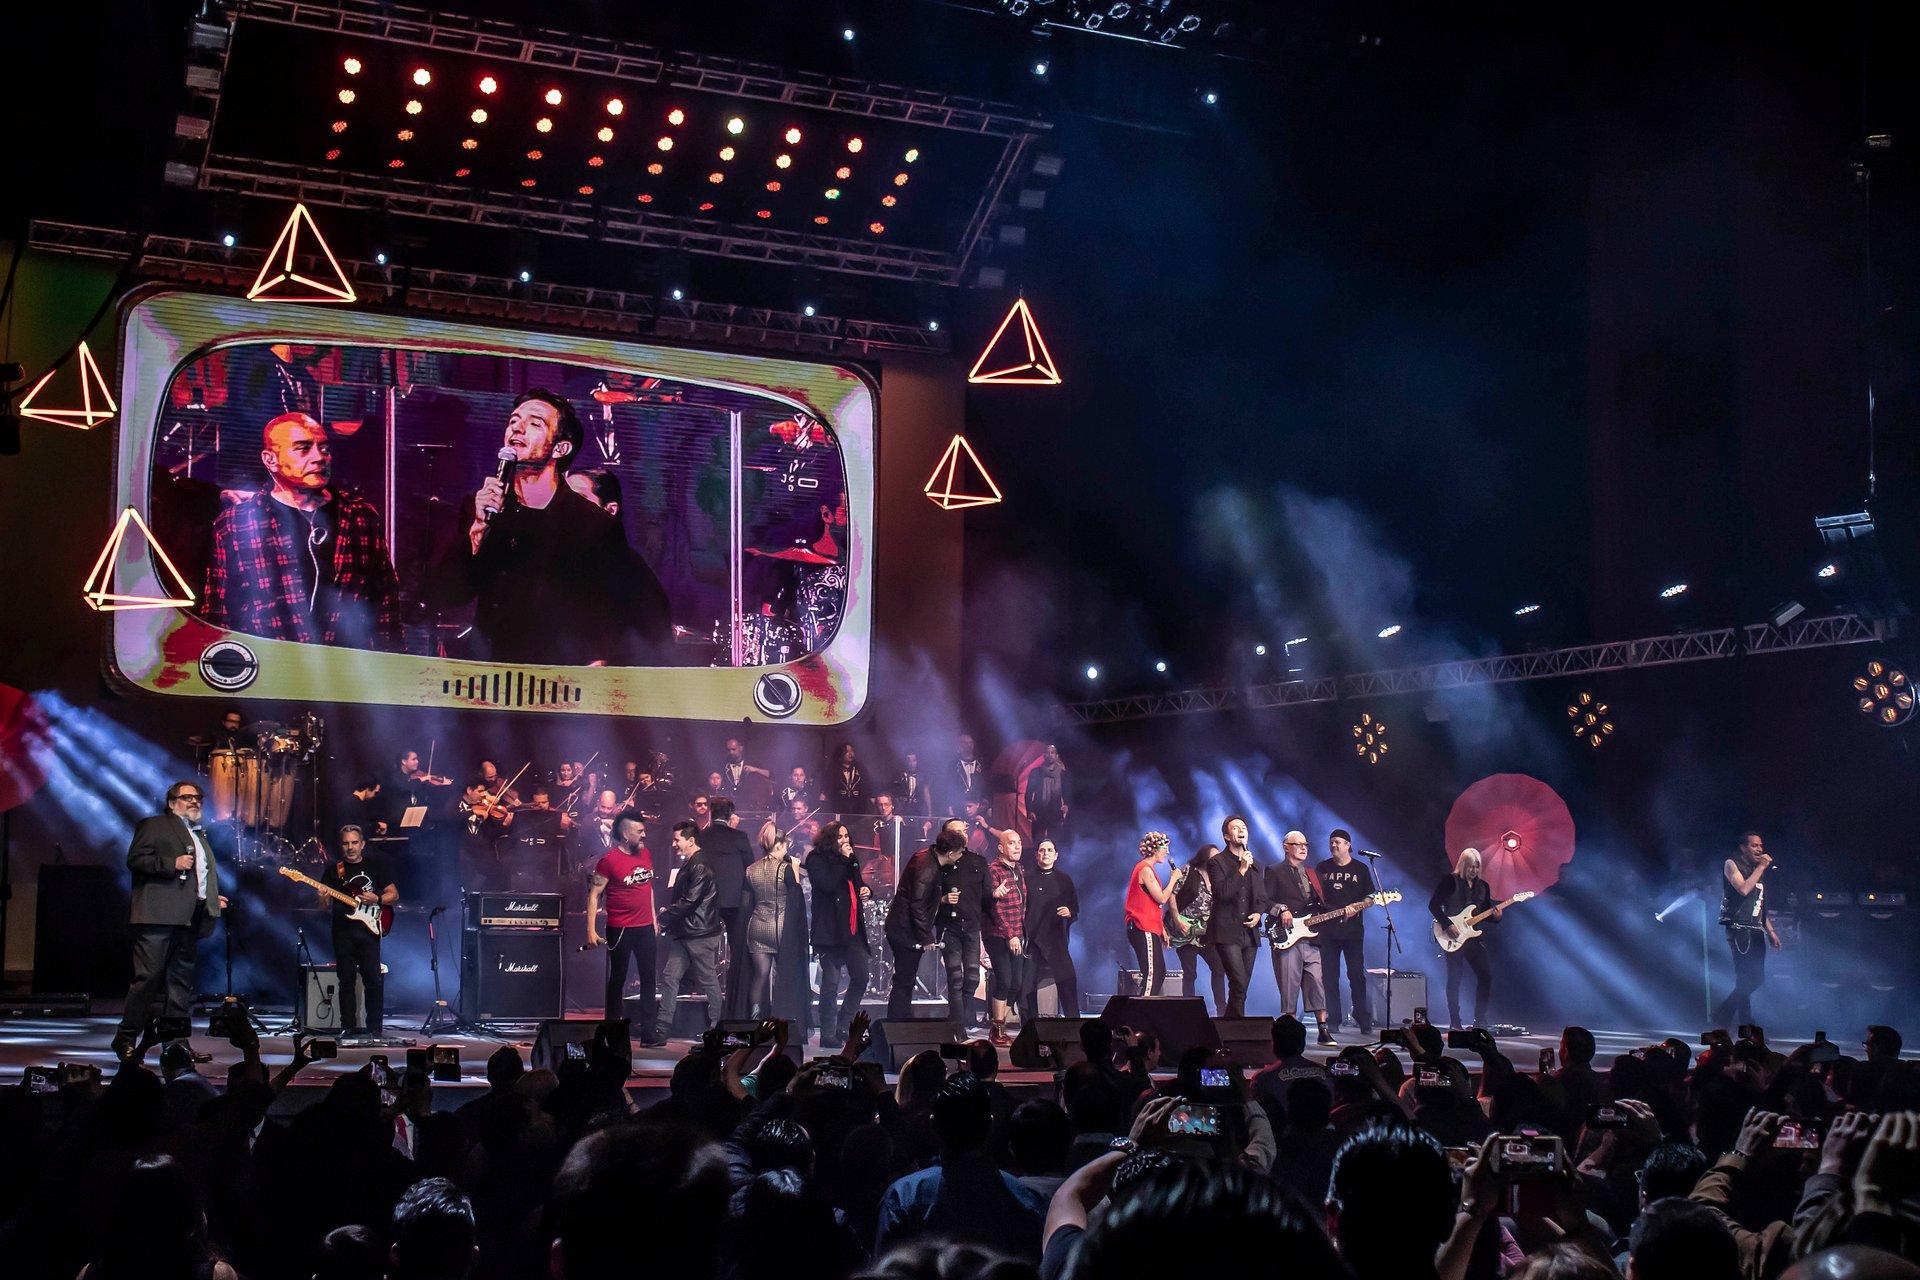 Todo listo para que el ensamble del Rock en tu Idioma Sinfónico Vol. 1 y 2 presenten su show sinfónico + su nuevo show eléctrico en la Ciudad de México